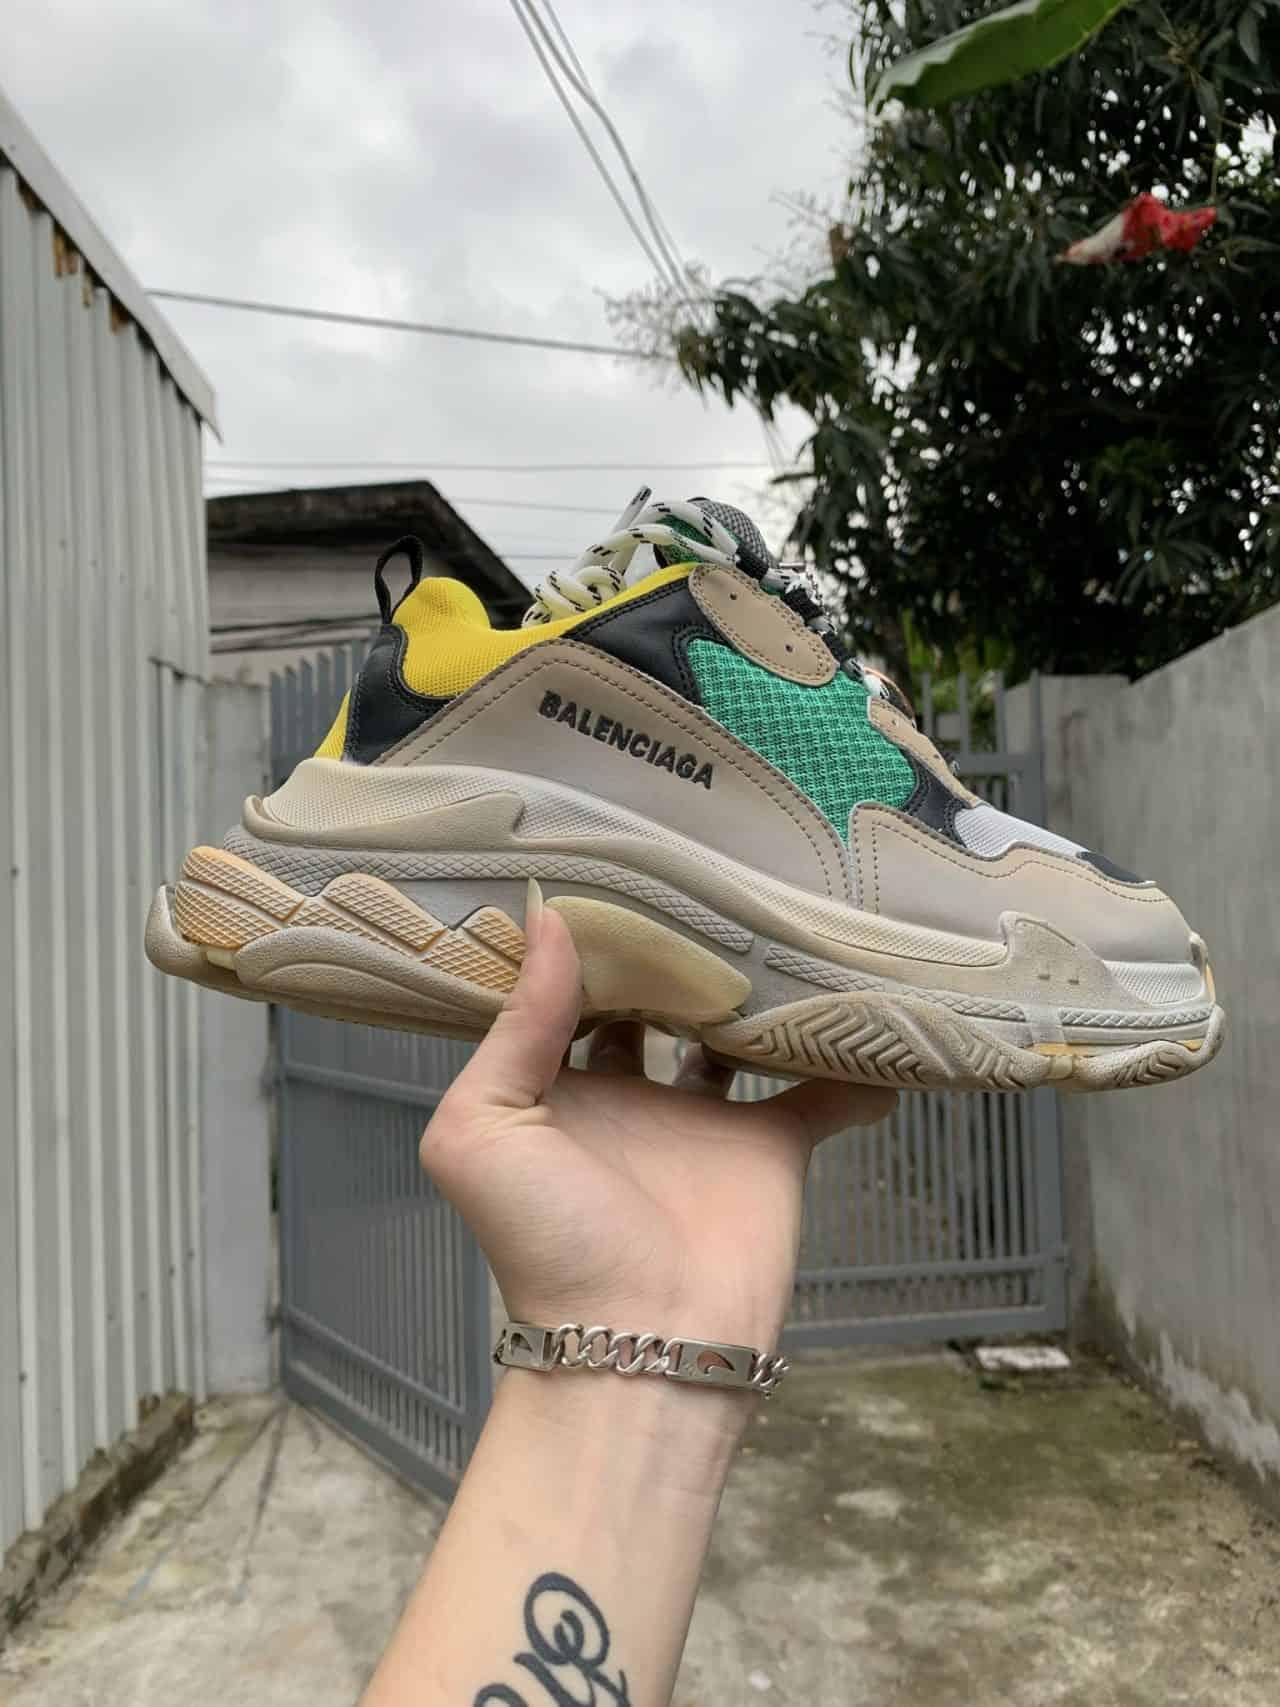 Giày Balenciaga rep 1:1 thể hiện được độ ngầu và chất